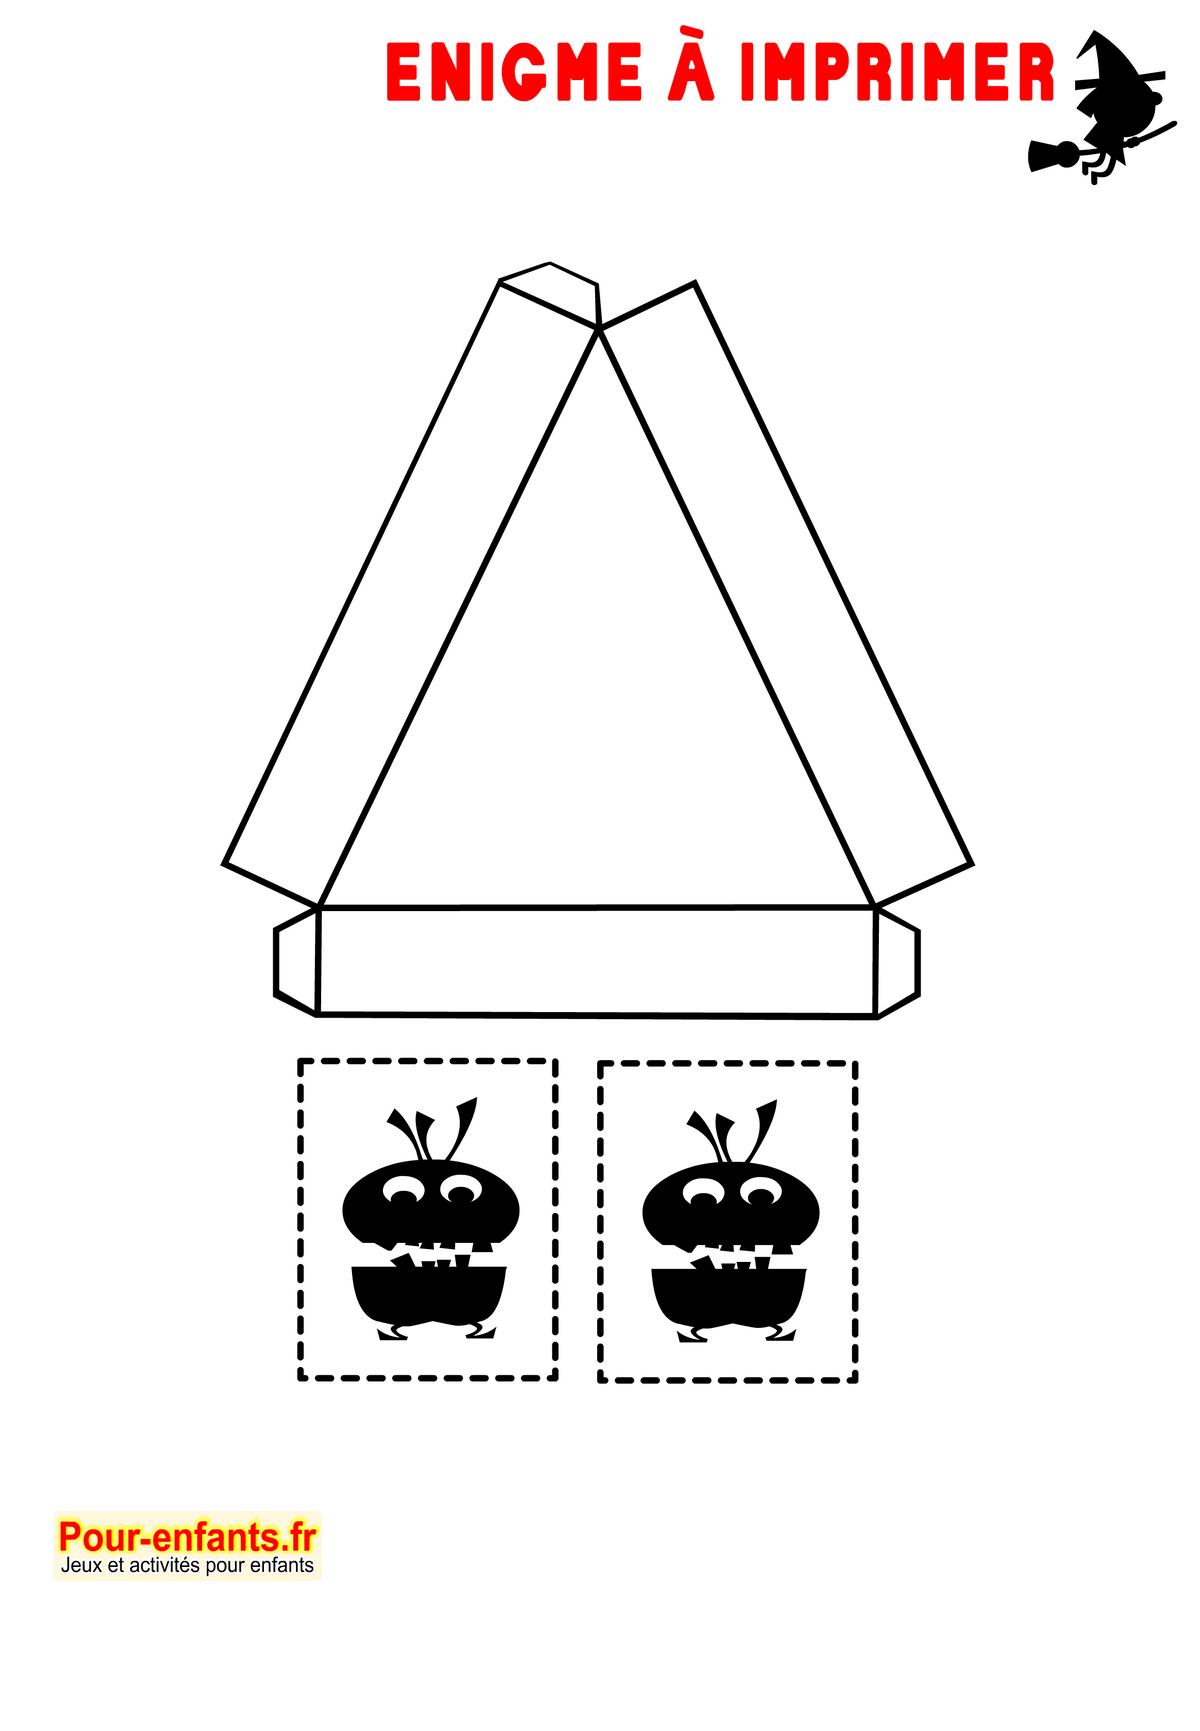 Enigmes Idées Activités Jeux À Imprimer Halloween Bricolage dedans Jeux Facile Pour Petit Gratuit